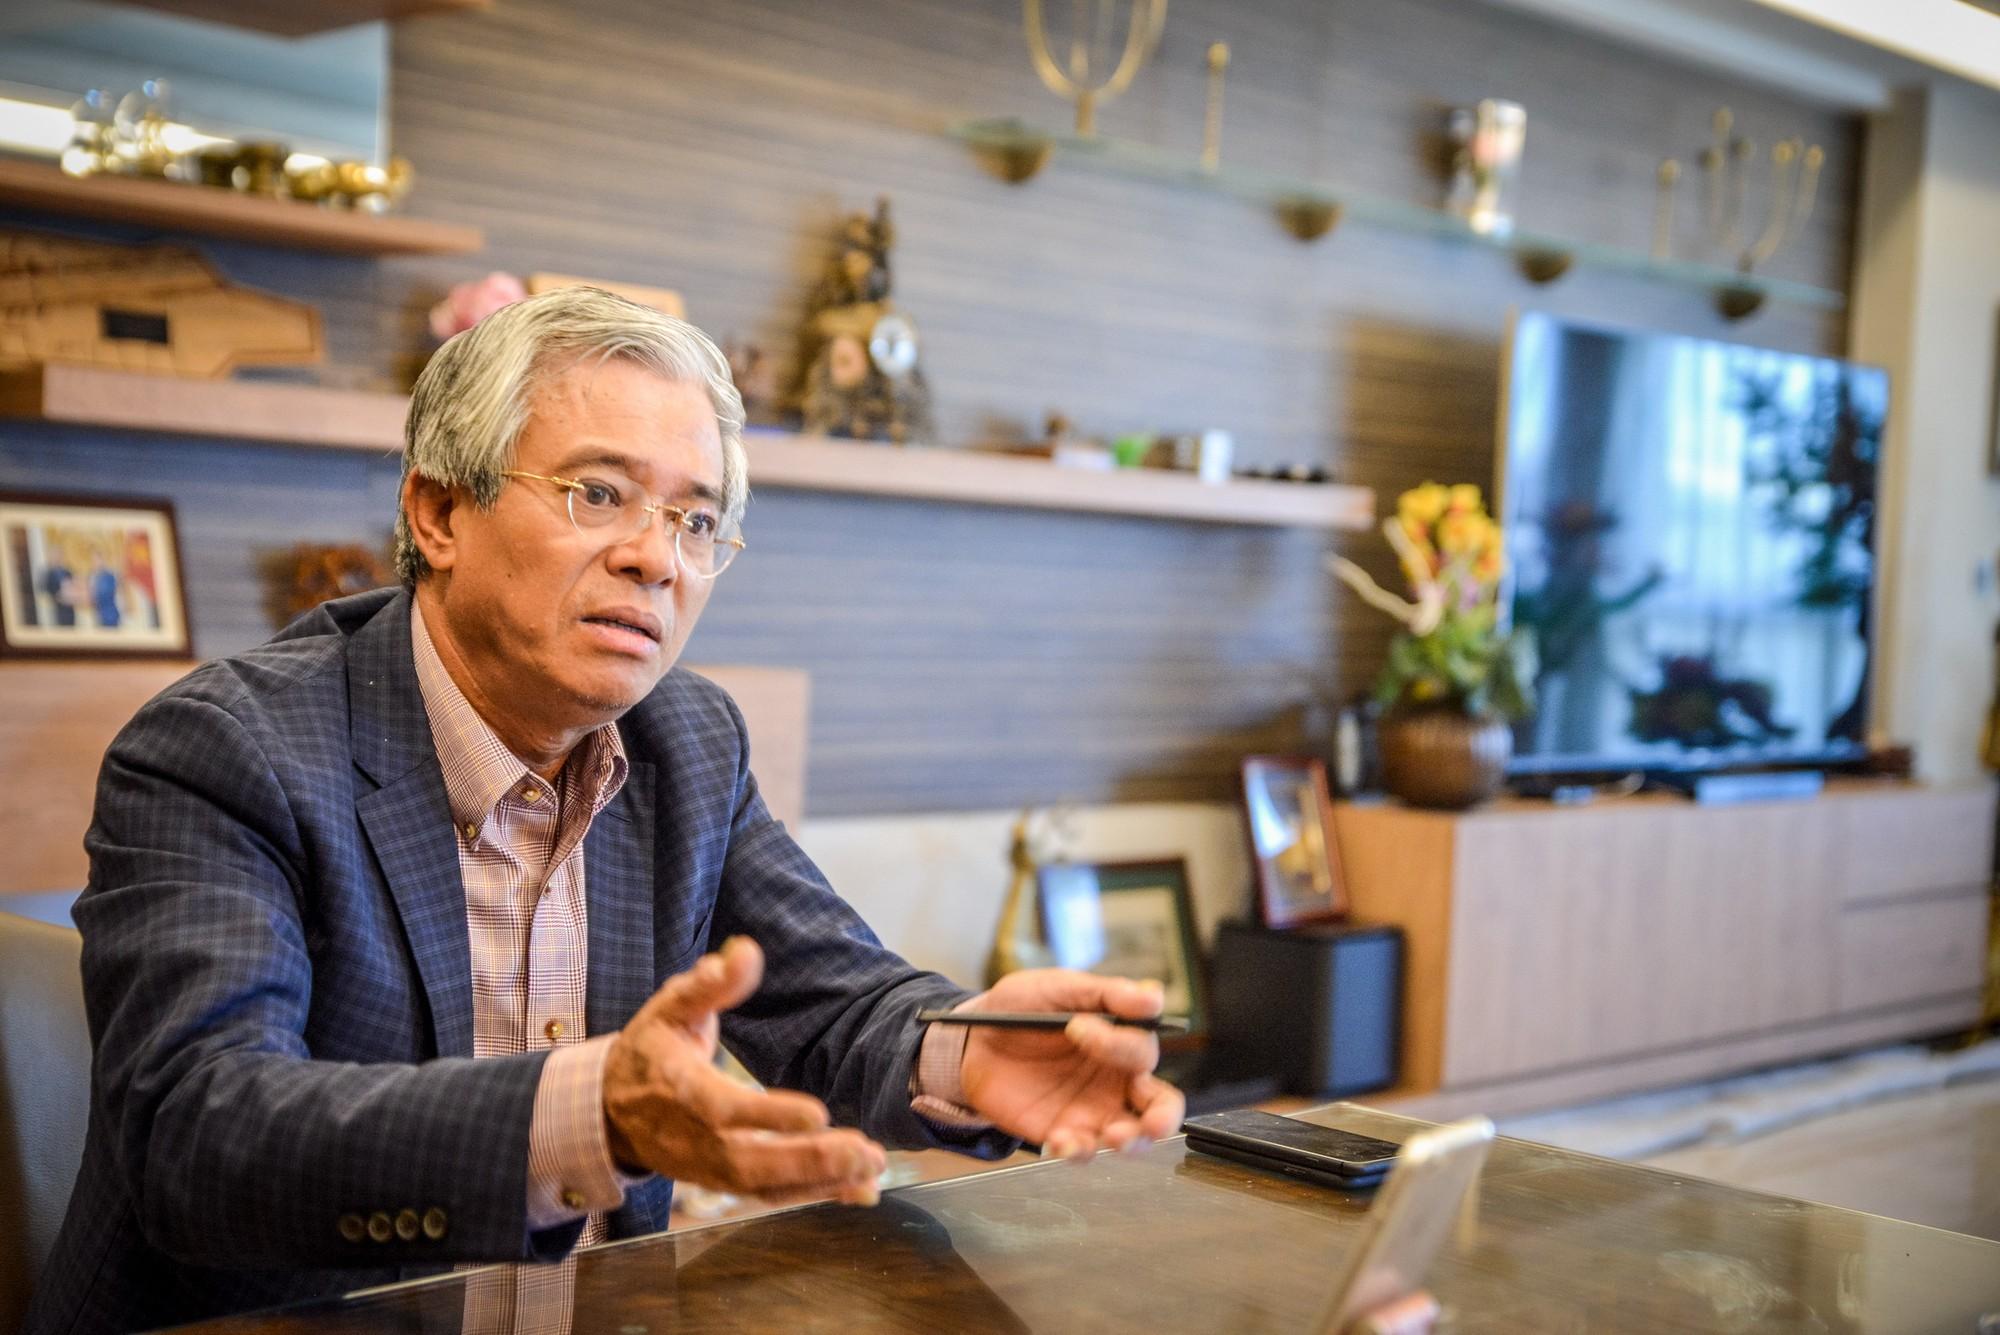 Đại sứ Phạm Quang Vinh phân tích về hệ lụy chính trị do bế tắc trong chuyển giao quyền lực tại Washington